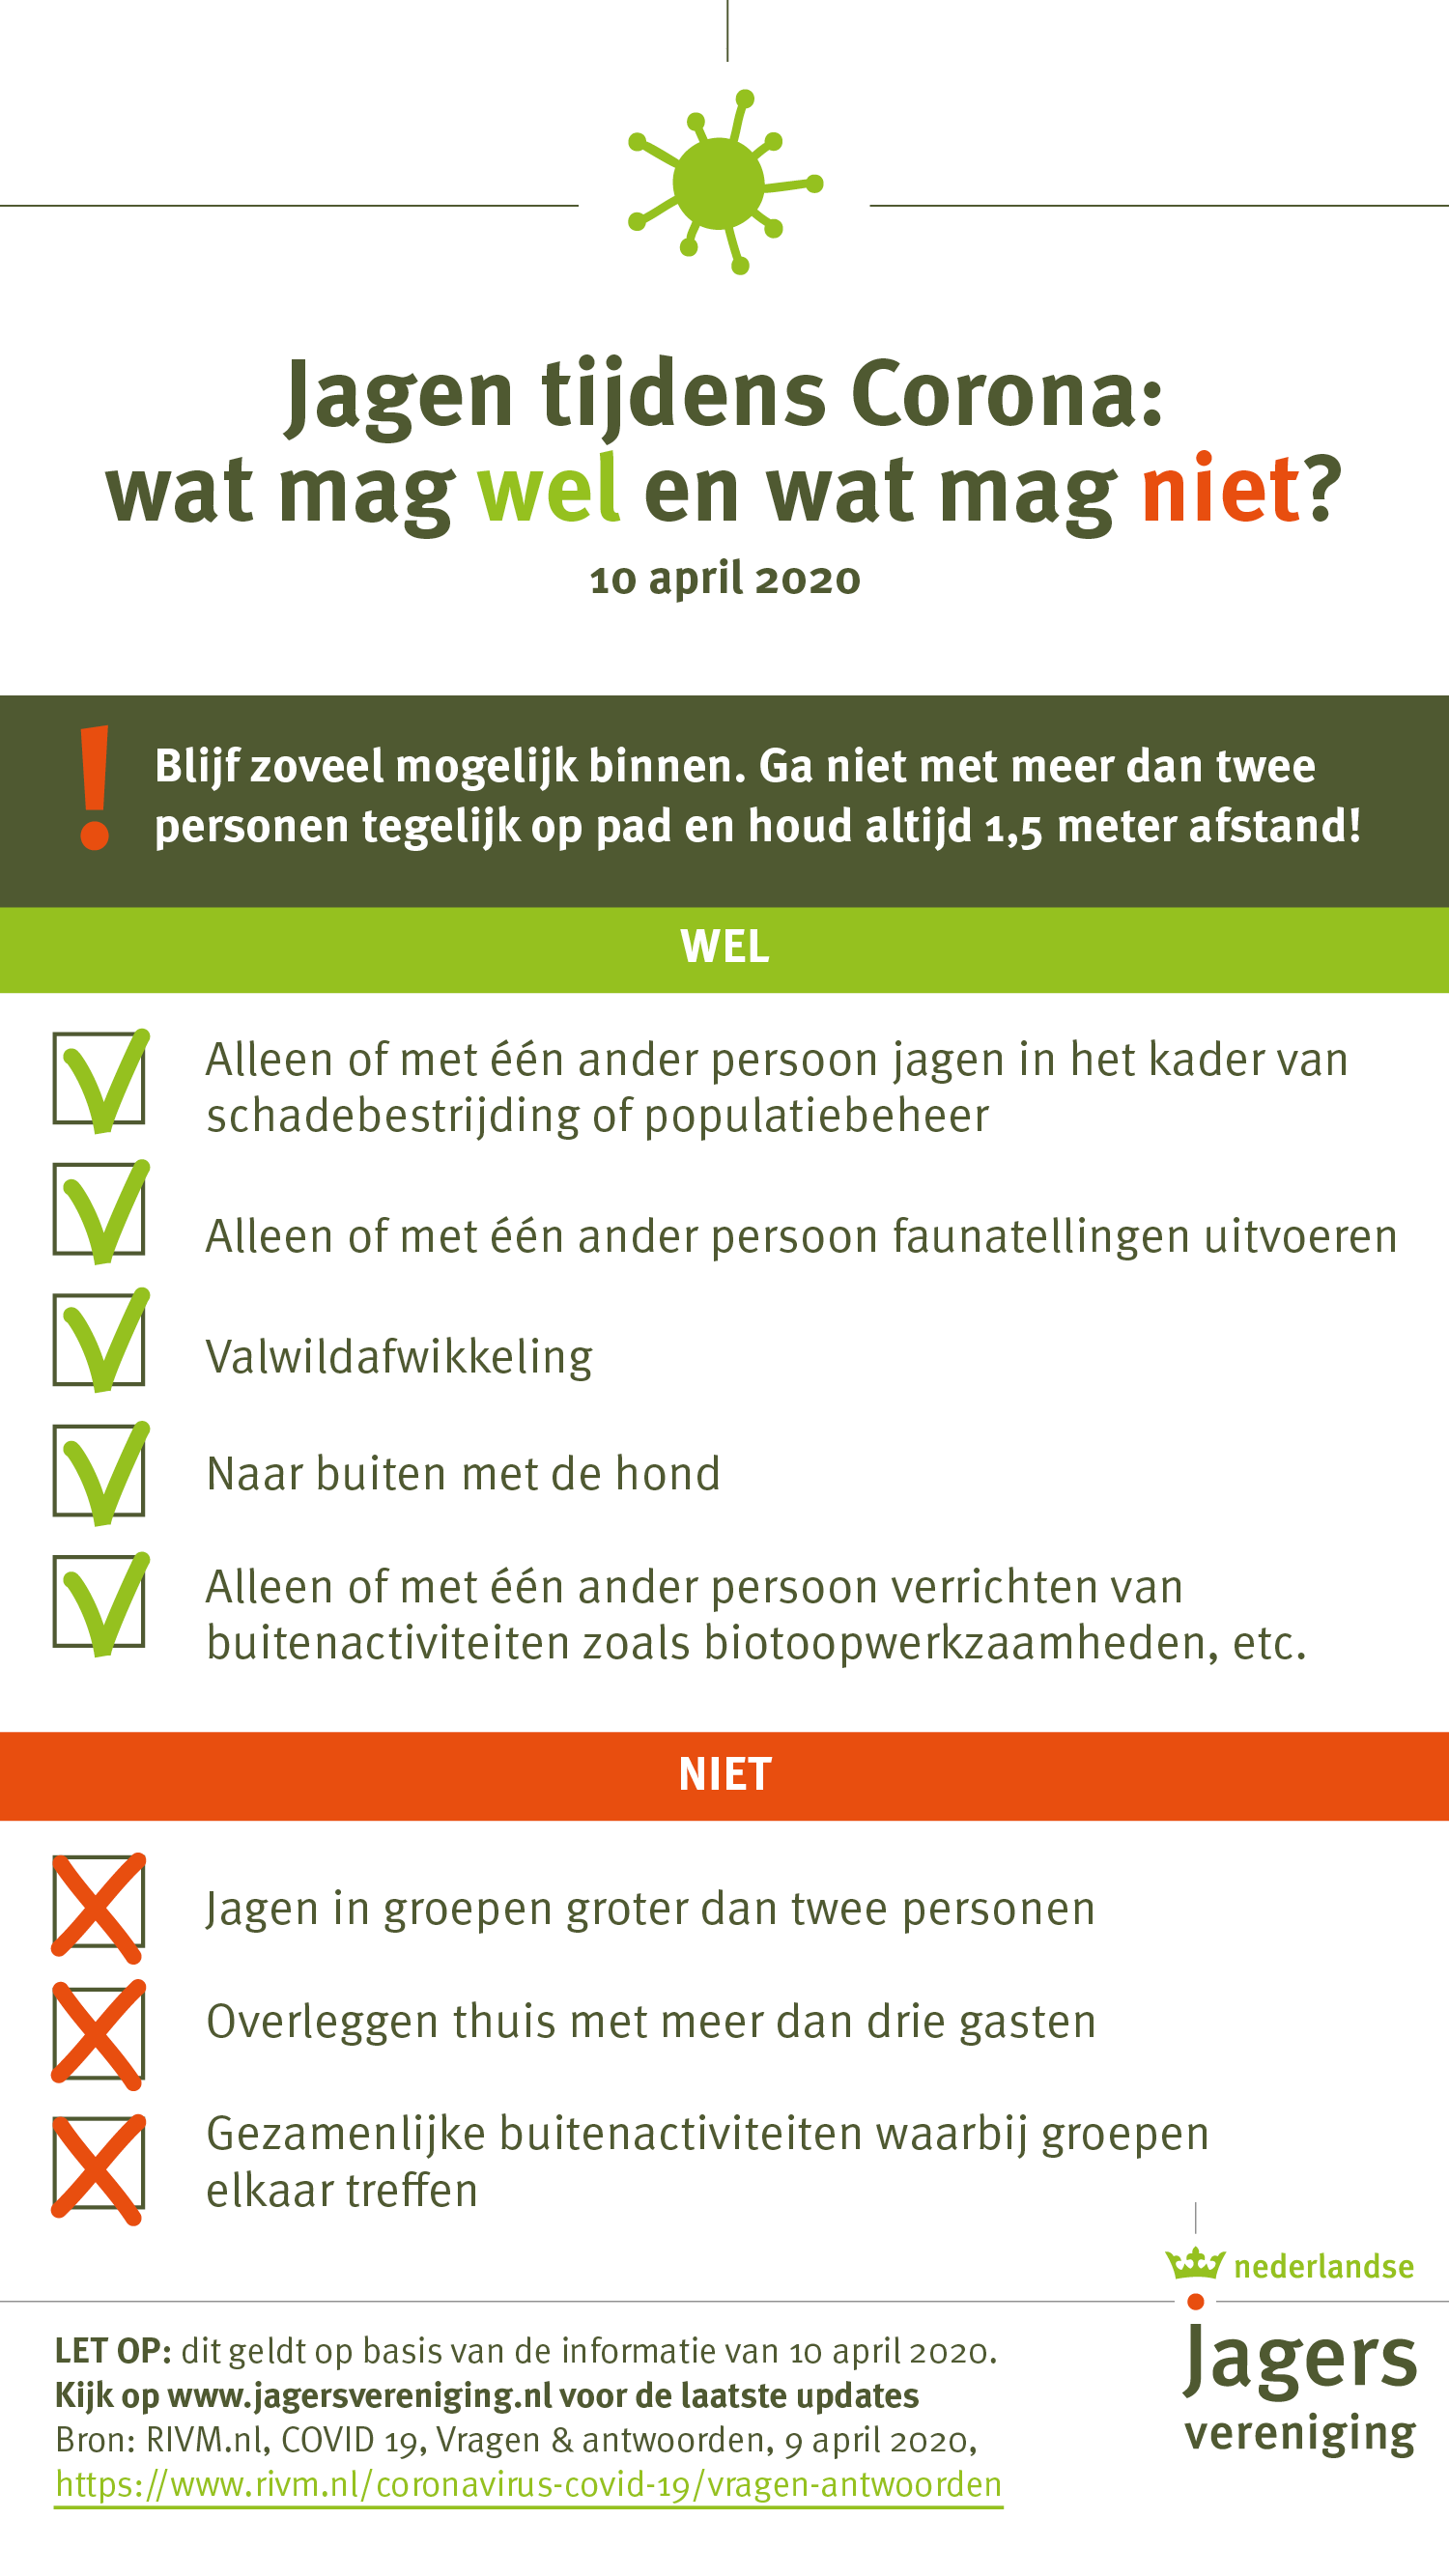 Checklist voor jagers tijdens coronacrisis_10 april 2020